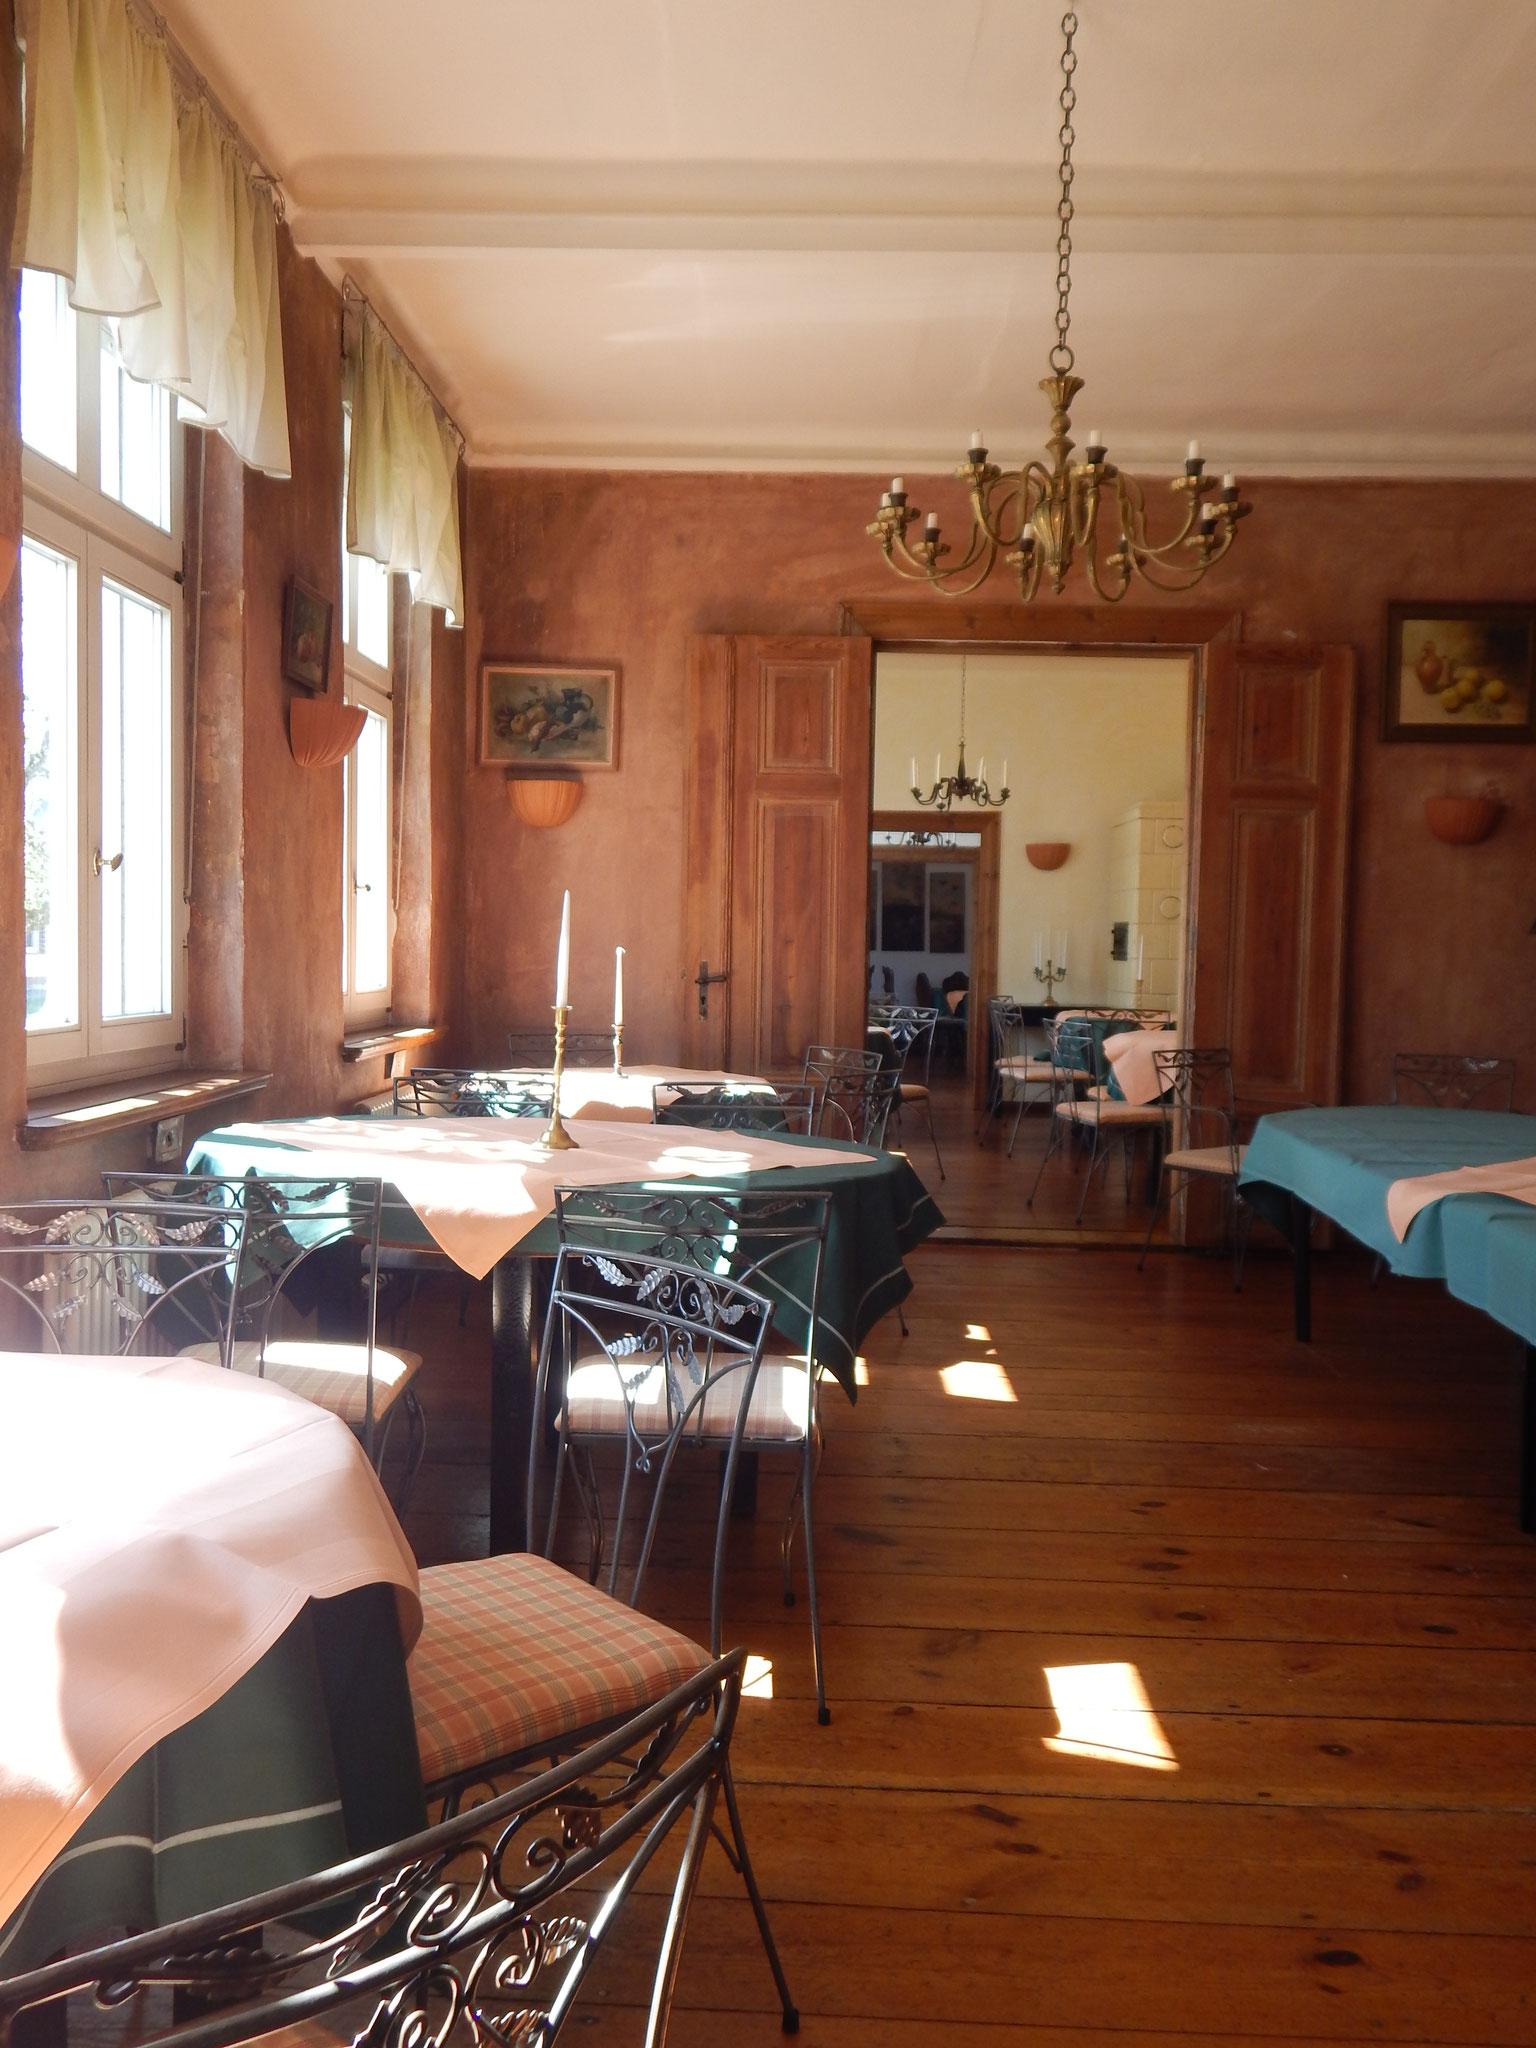 Für Feierlichkeiten und Gruppen - Hotel Alte Försterei Kloster Zinna